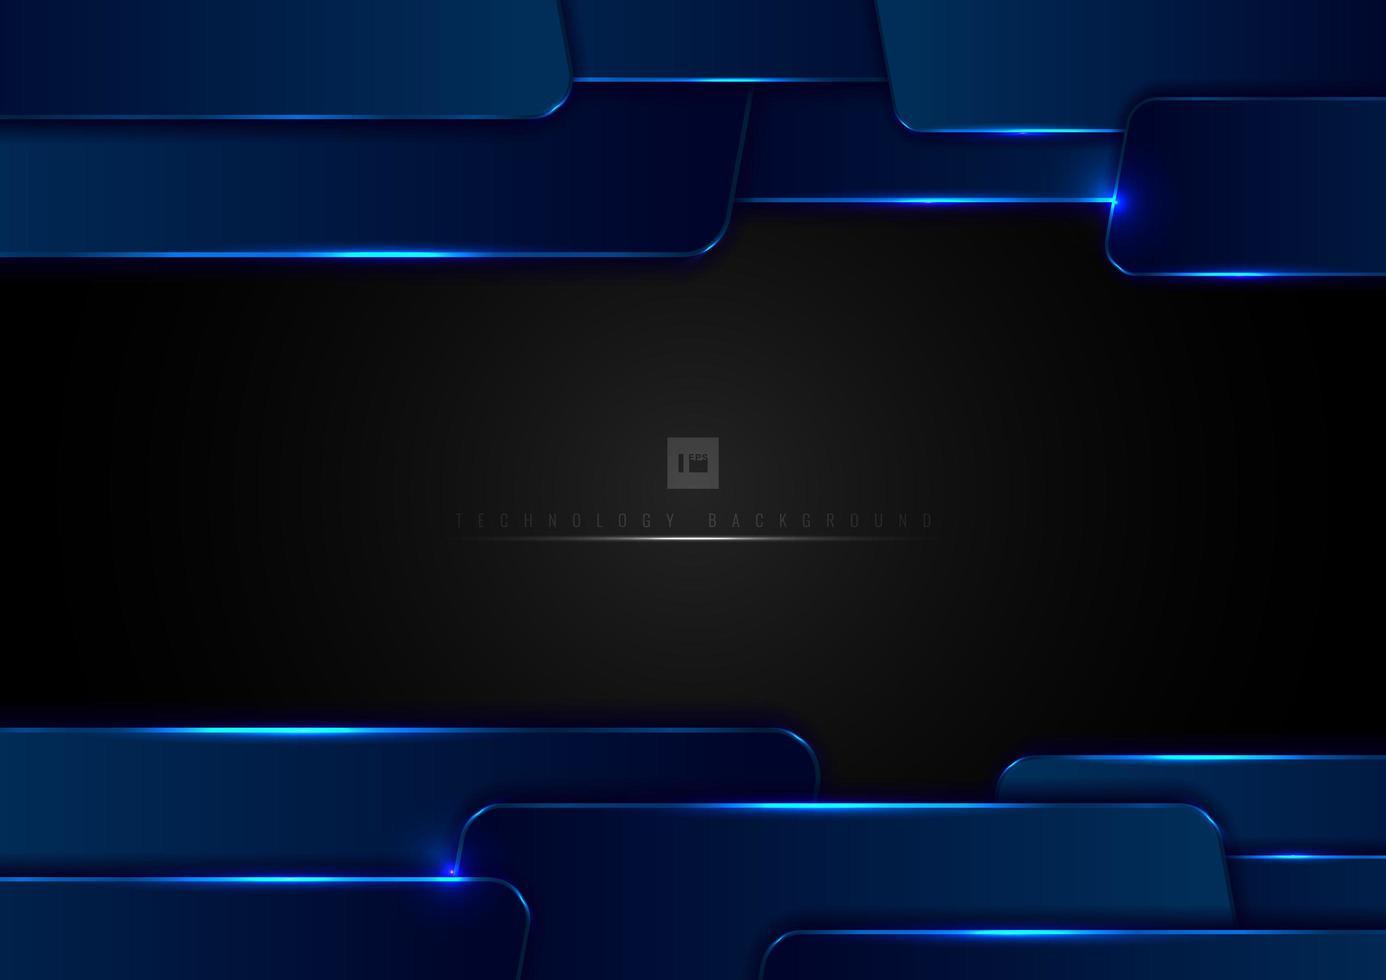 abstrakt teknikmall blå överlappande lager vektor